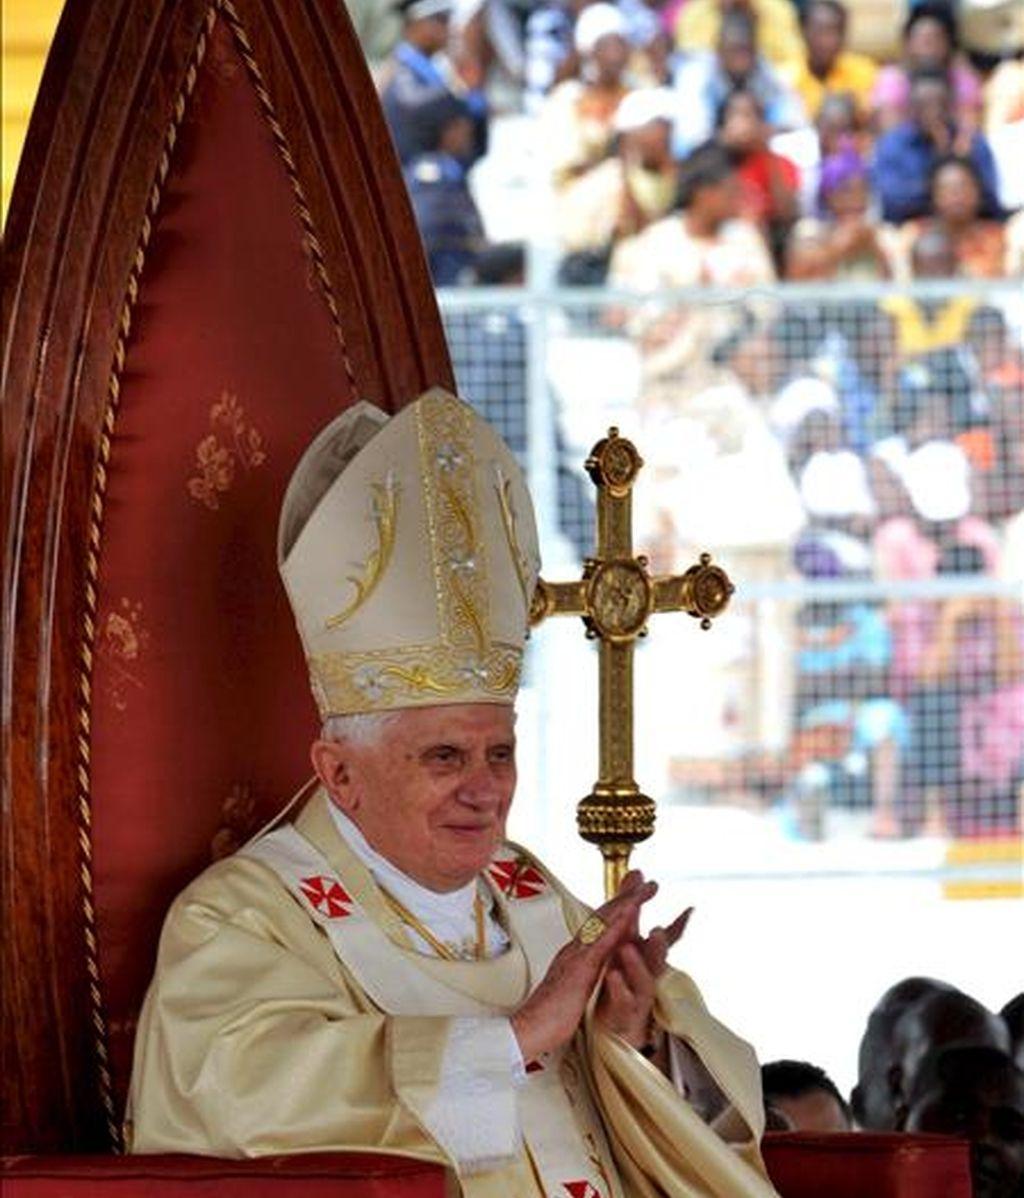 """El Papa Benedicto XVI durante la misa por la festividad de San José celebrada ante más de 60 mil fieles africanos en el estadio """"Amadou Ahidjo"""", en Yaundé (Camerún) el pasado 19 de marzo. En Camerún, el Papa afirmó que el sida no se combate """"con la distribución de preservativos que, al contrario, aumentan el problema"""". EFE/Archivo"""